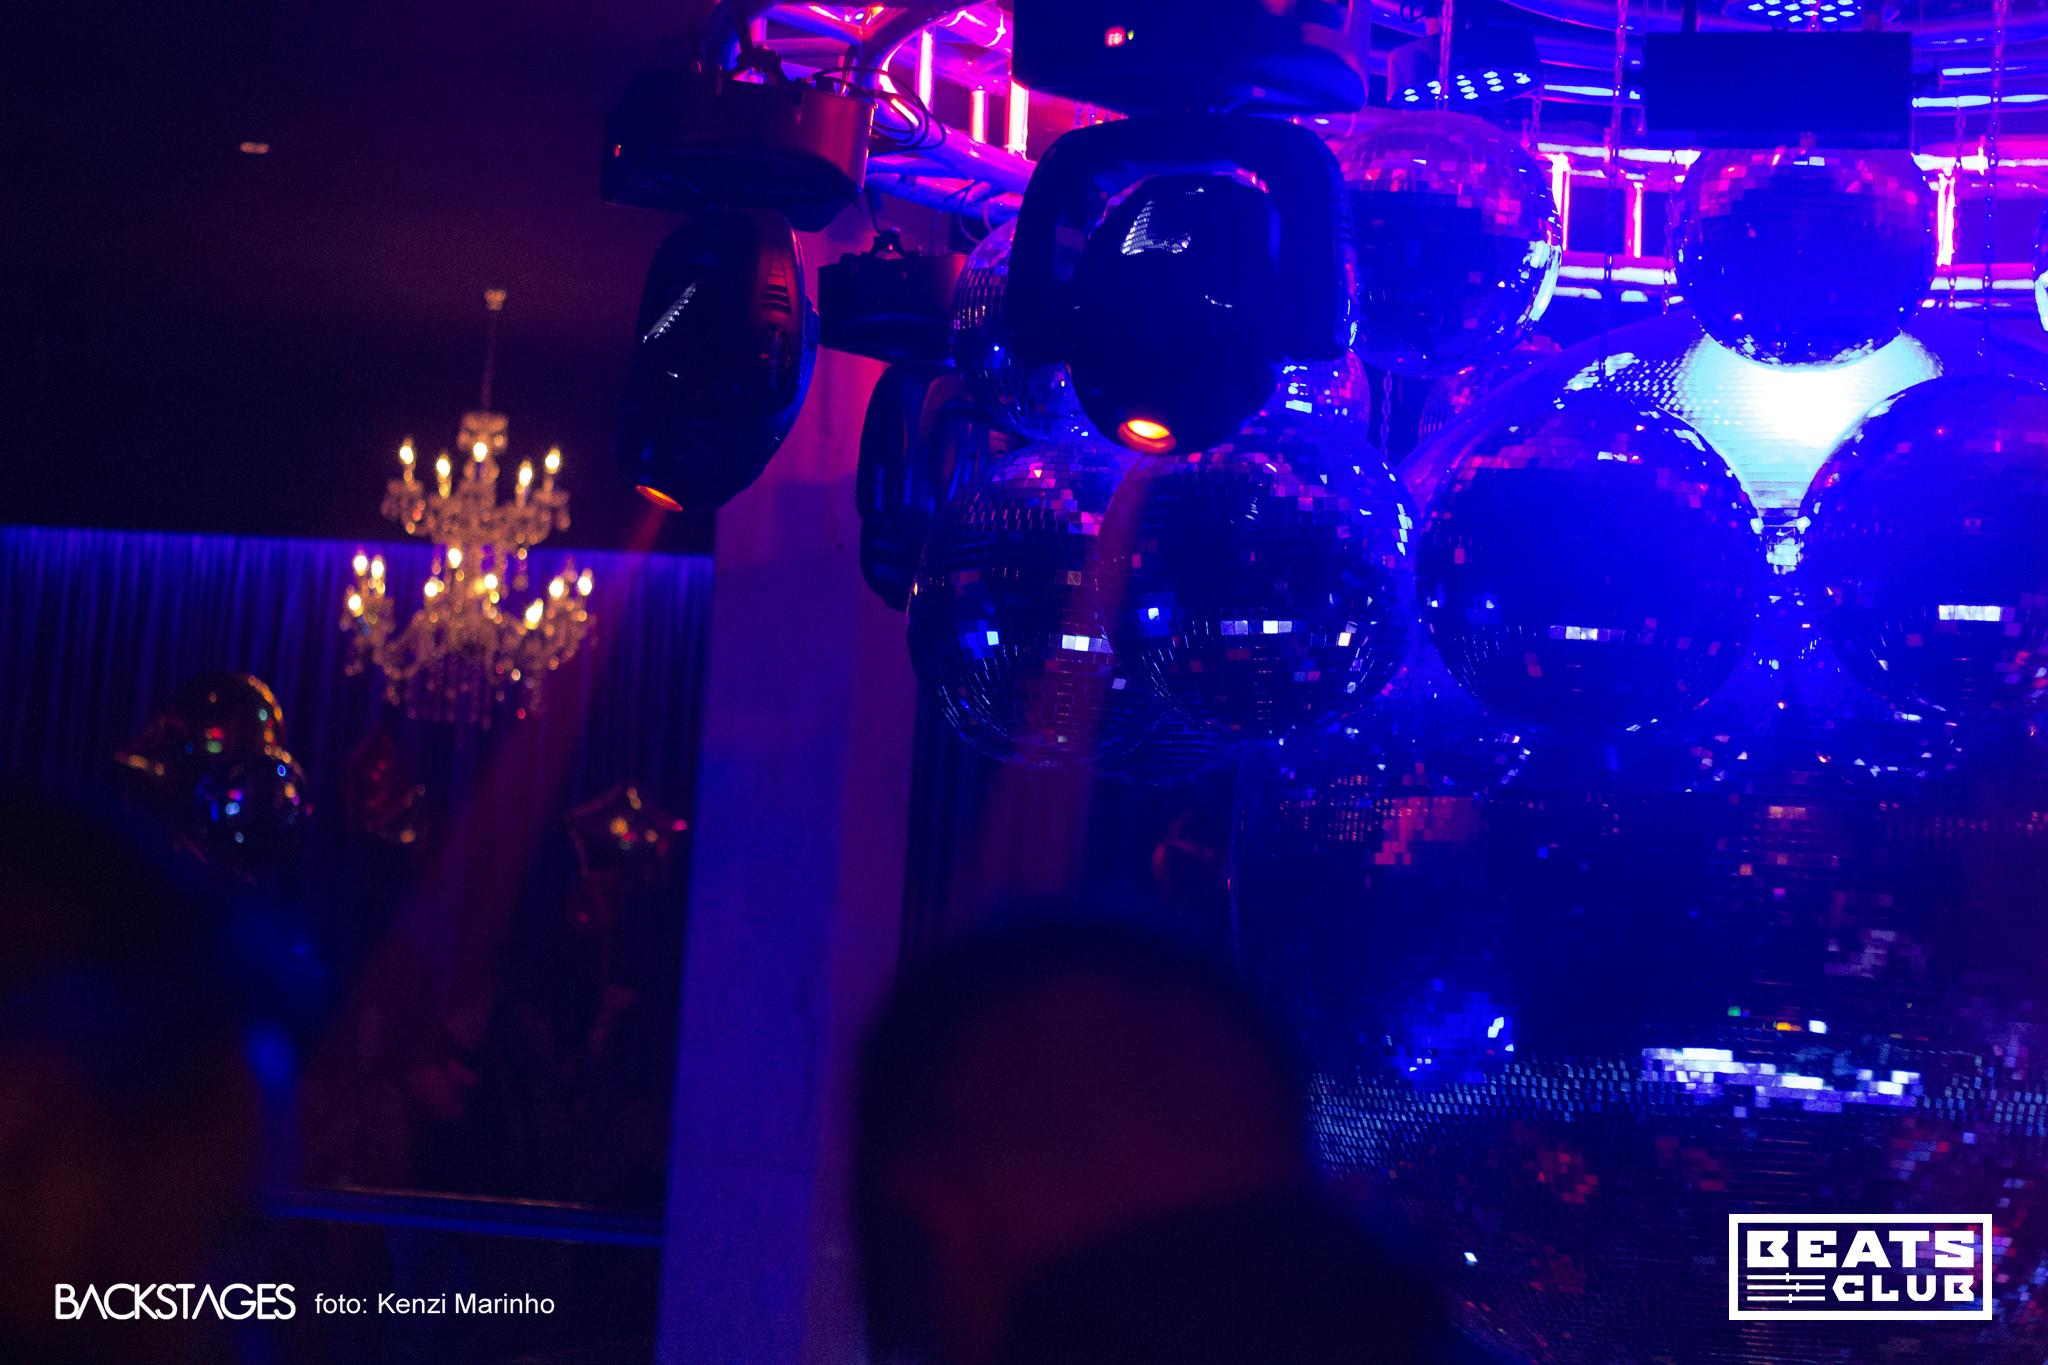 Beats Club - Inauguração 06.05.2017 - Kenzi Marinho (43)